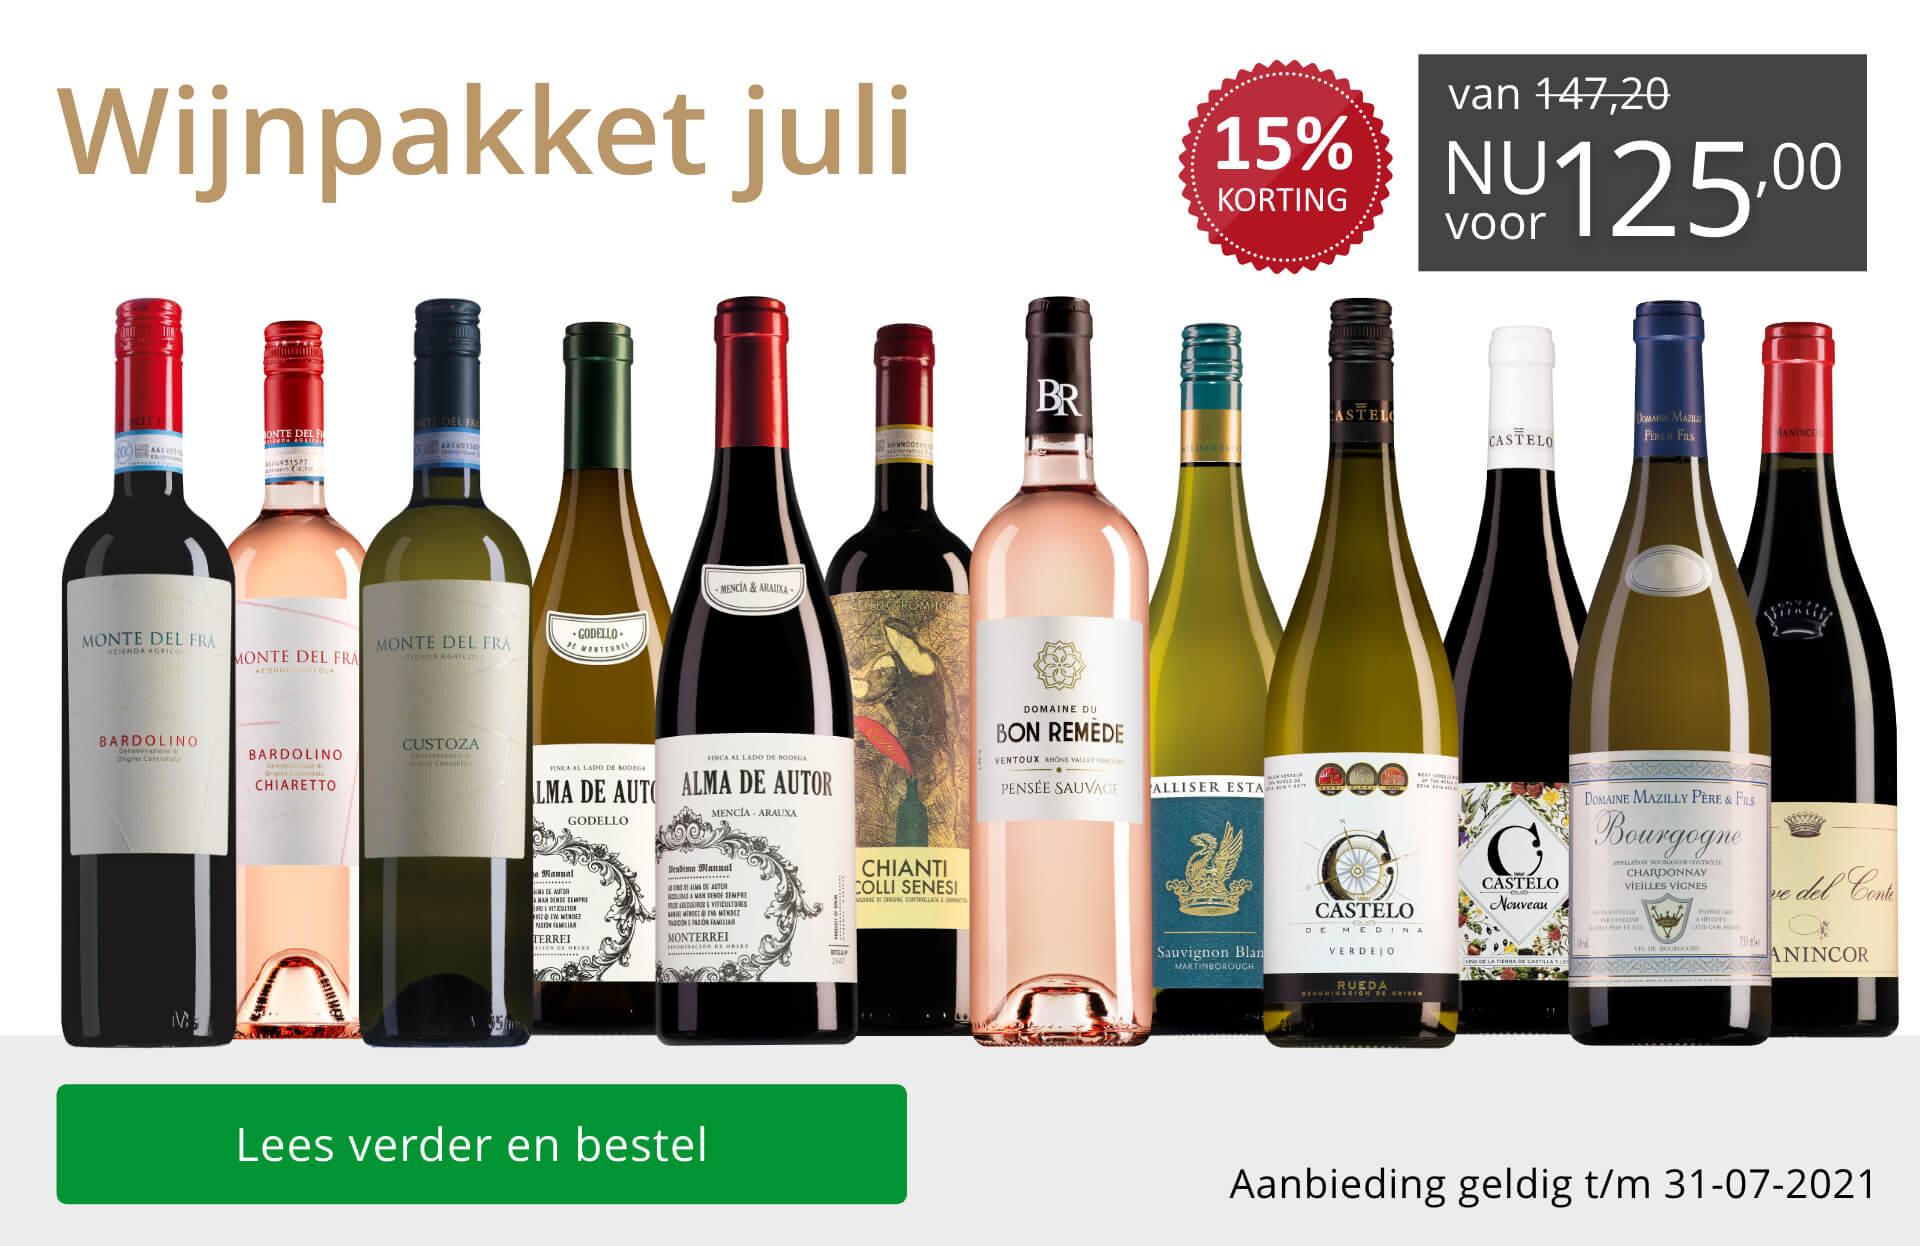 Wijnpakket wijnbericht juli 2021(125,00) - grijs/goud